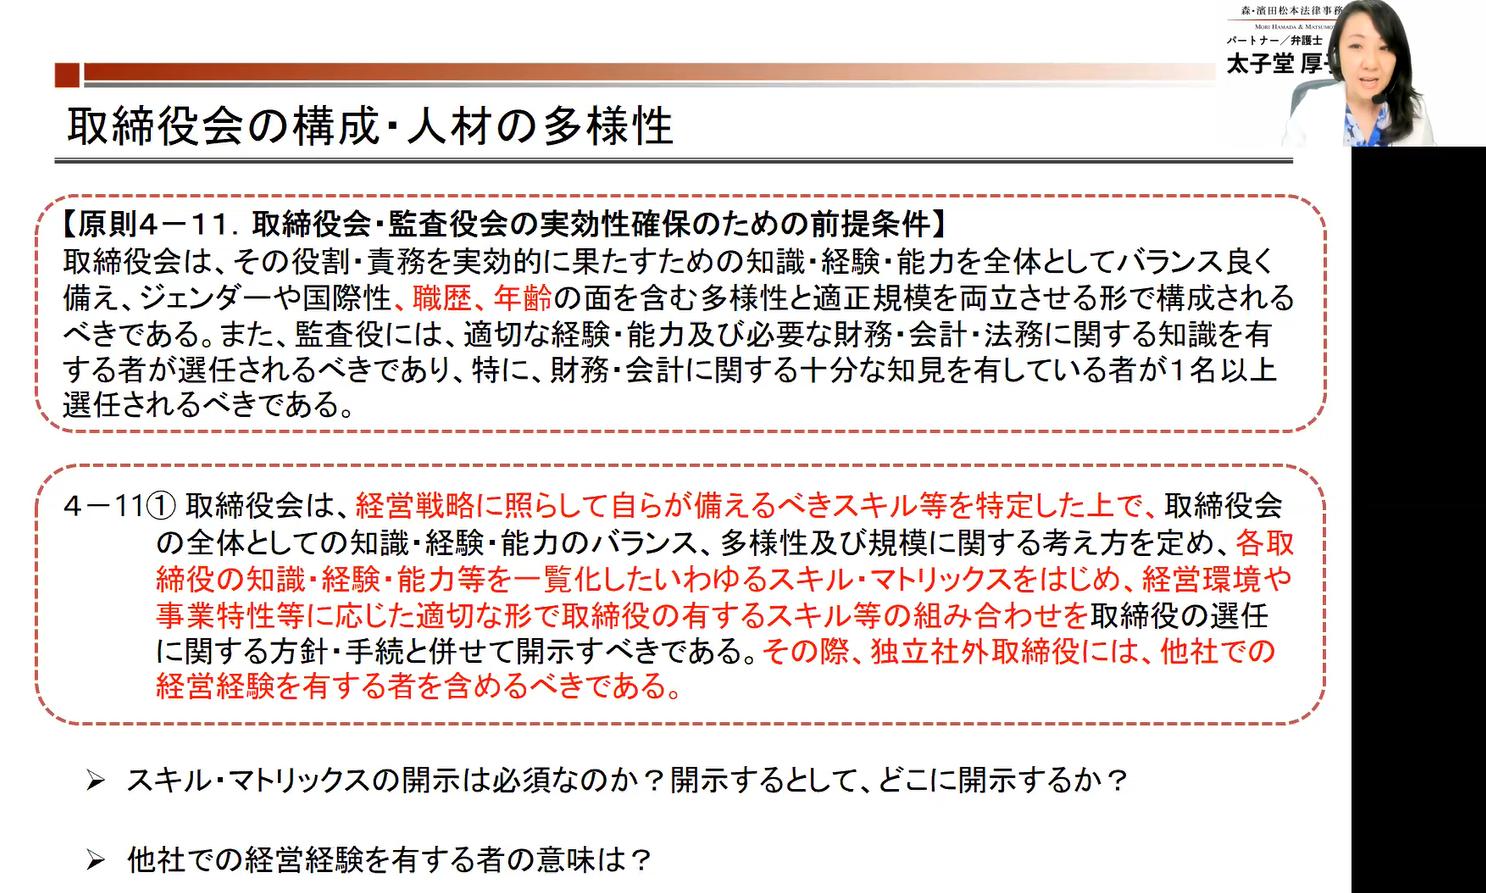 取締役会・監査役会の実効性確保のための前提条件(補充原則4-11①)